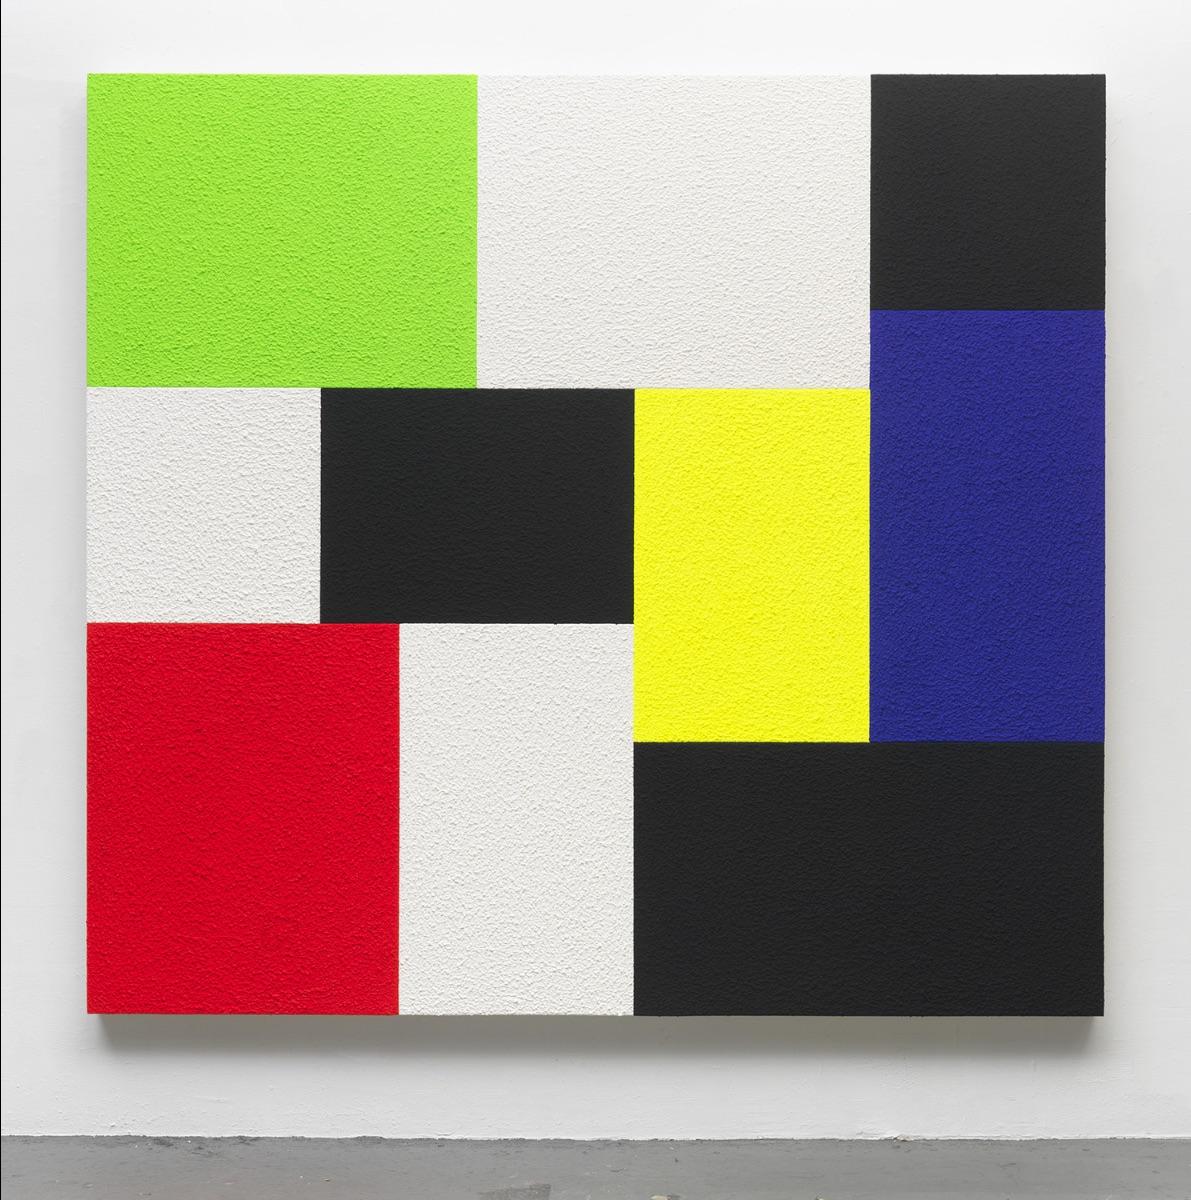 Peter Halley, The Choice, 2016, 183 x 198 cm, © Studio Peter Halley, photo DR. À voir au sein de l'exposition Milléniales. Peintures 2000 - 2020 du 25 sept 2020 au 3 janv 2021 au Frac Nouvelle-Aquitaine MÉCA.